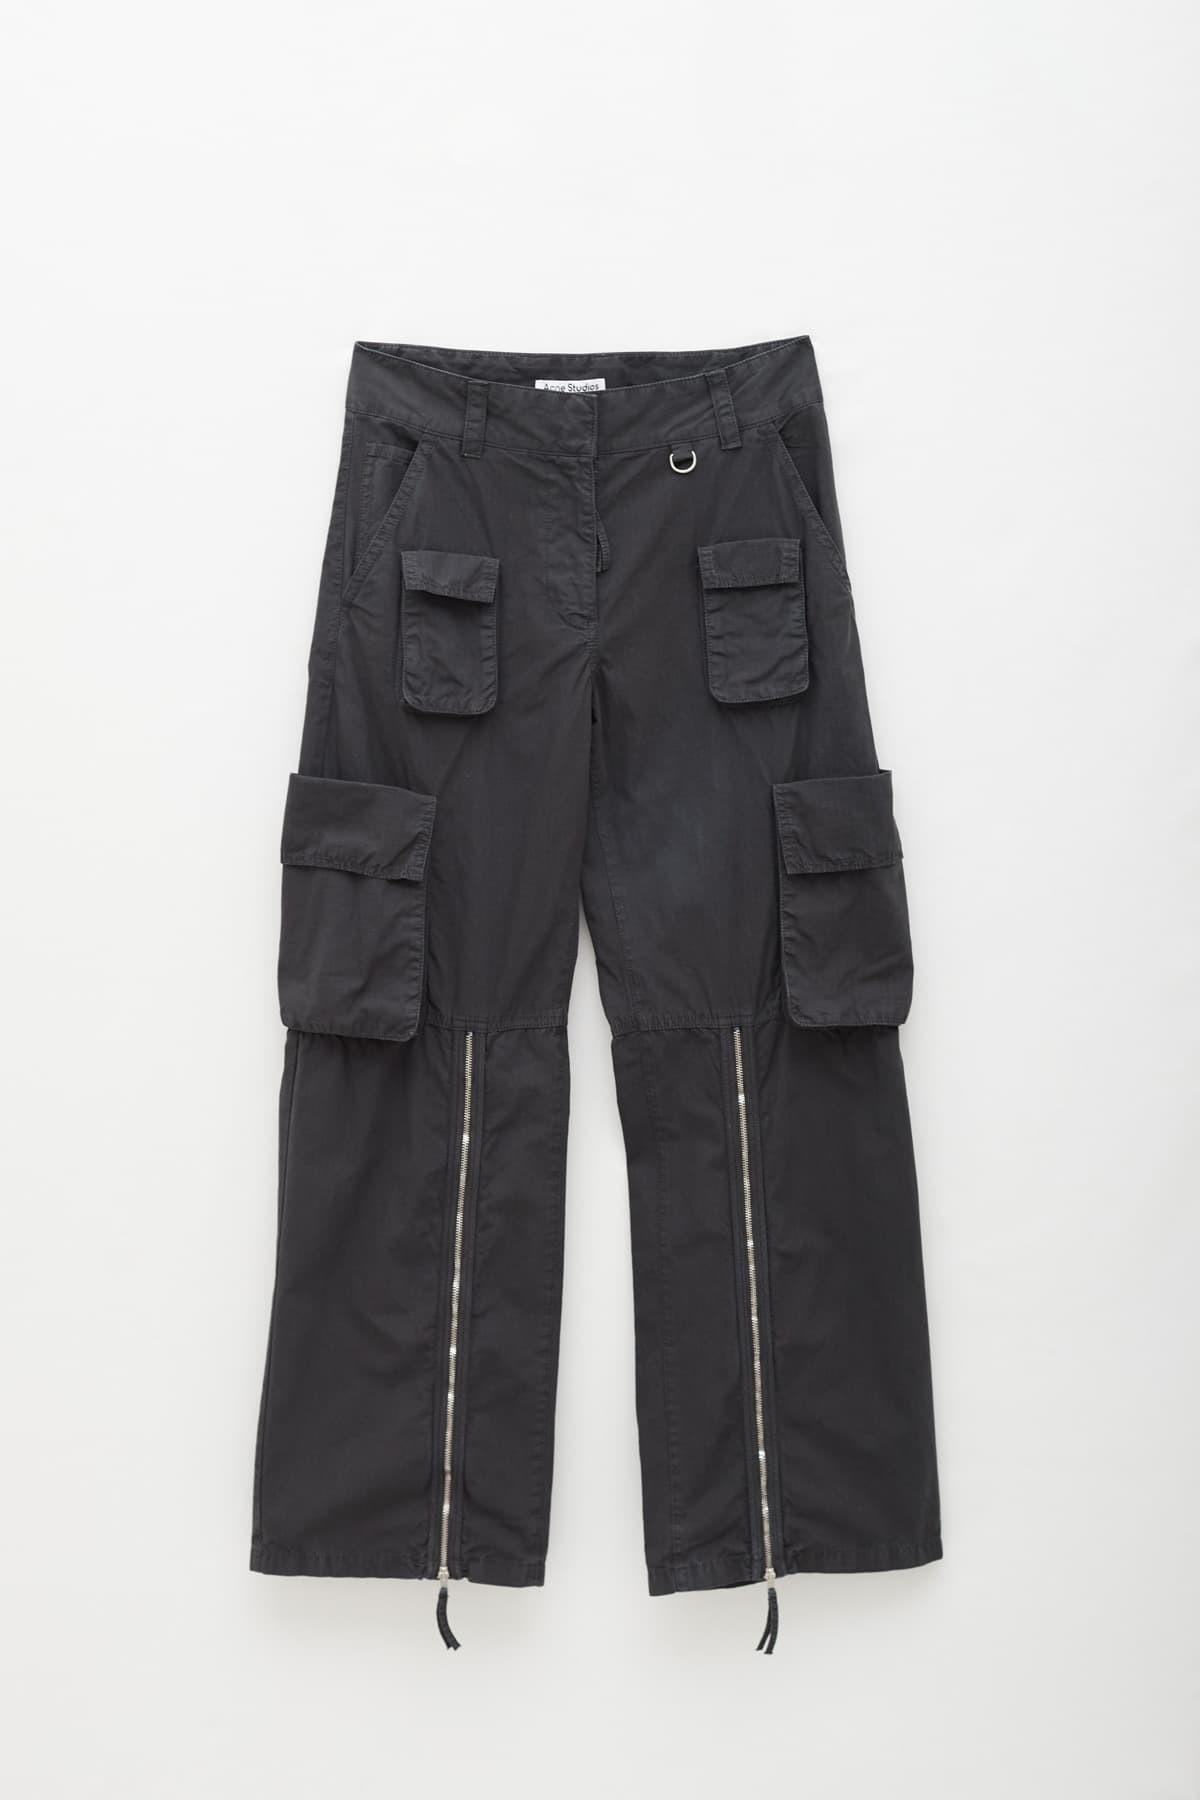 Shop Acne Studios Black Laether Ankle SHOE000471 Boots